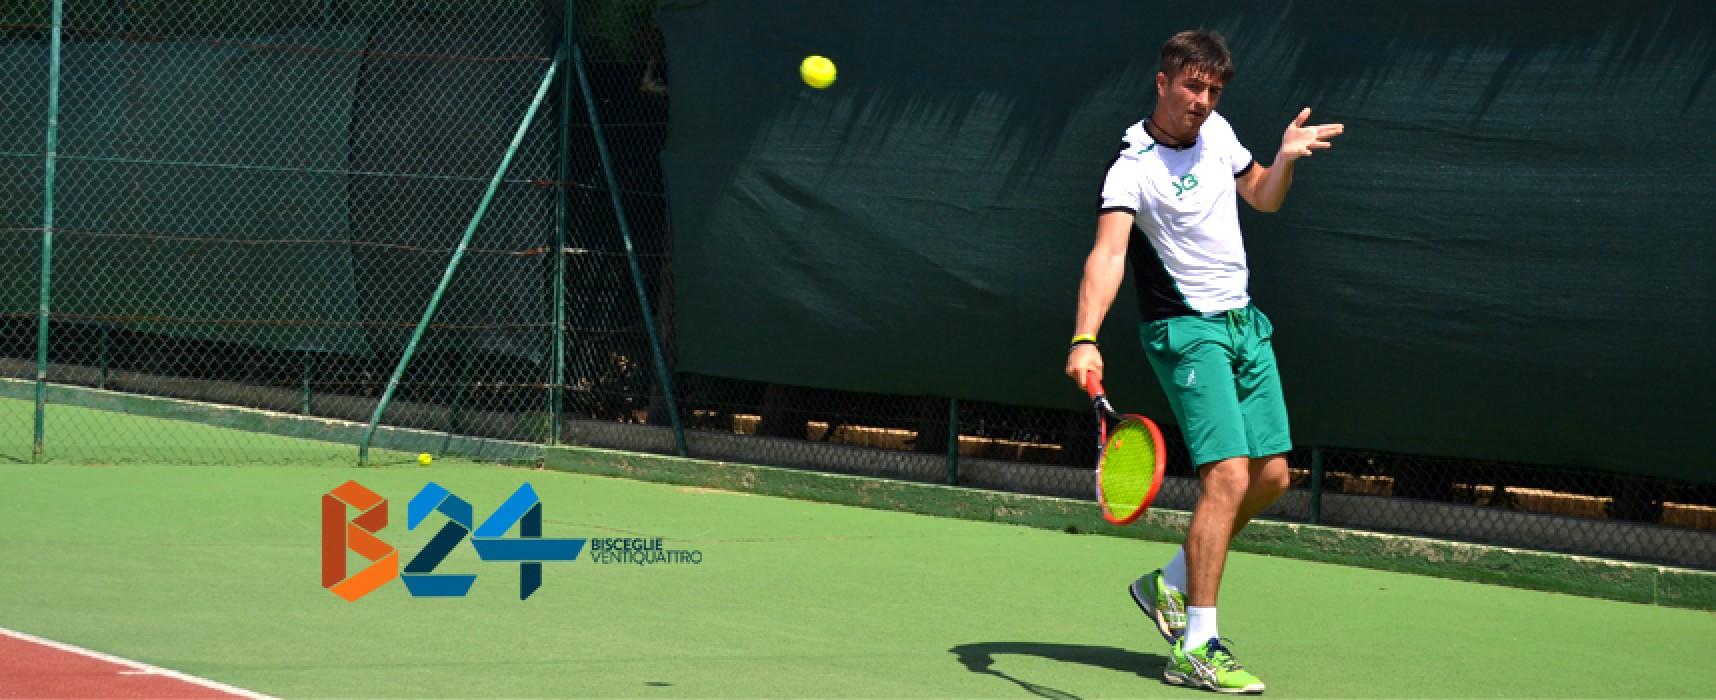 Sporting Tennis Club Bisceglie, a Padova l'ultima trasferta della regular season